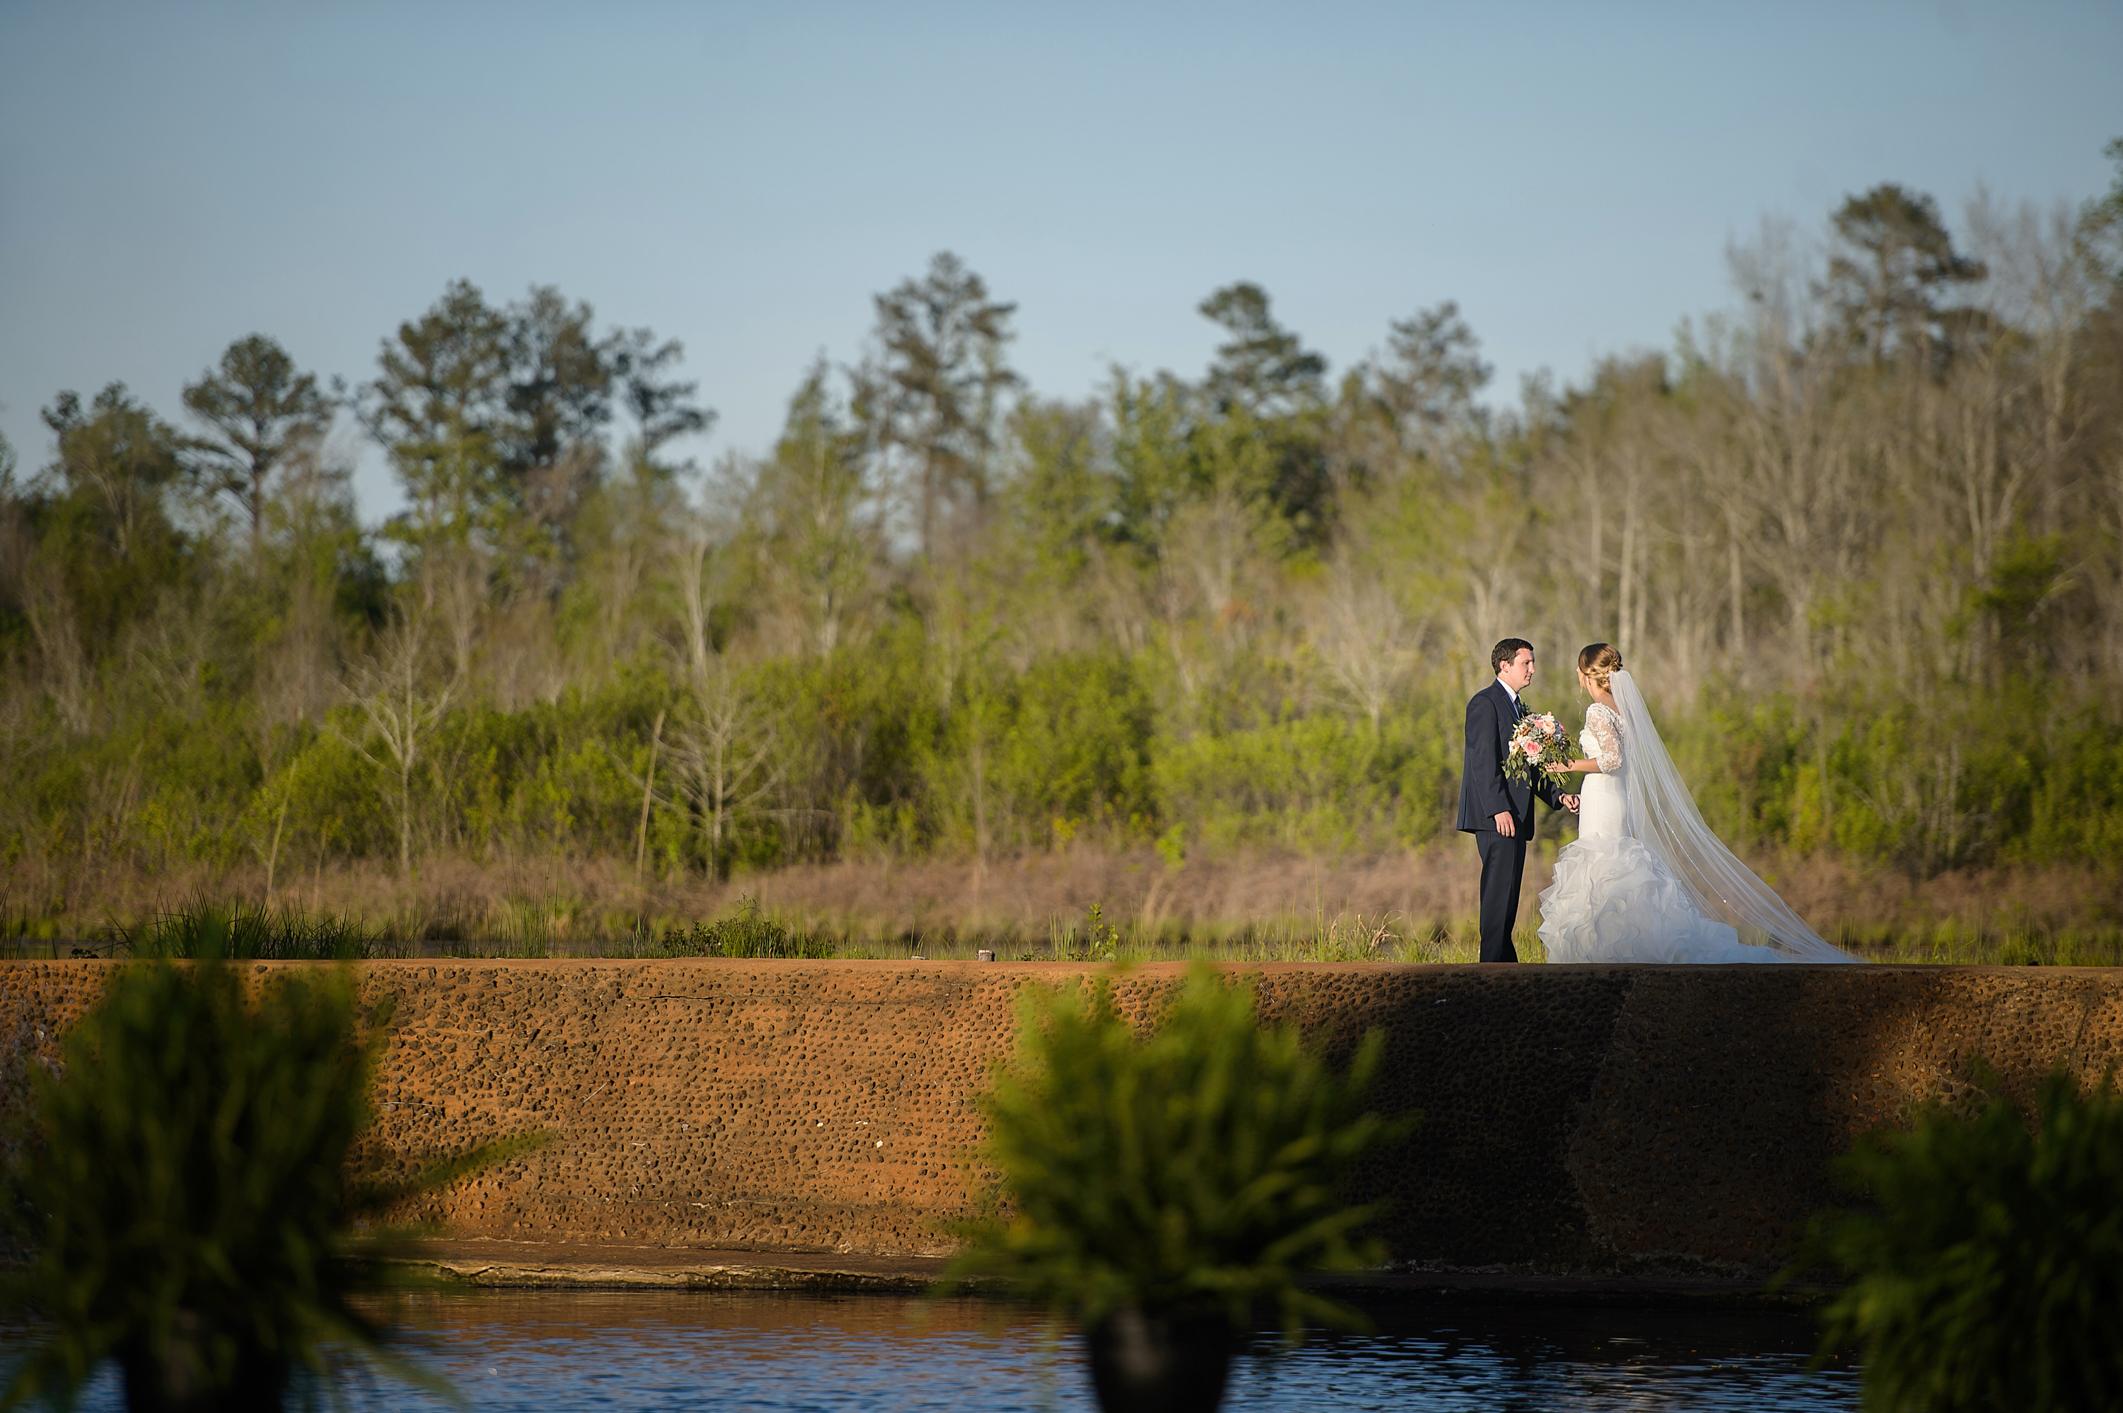 BRIDE AND GROOM PHOTOS-1.JPG